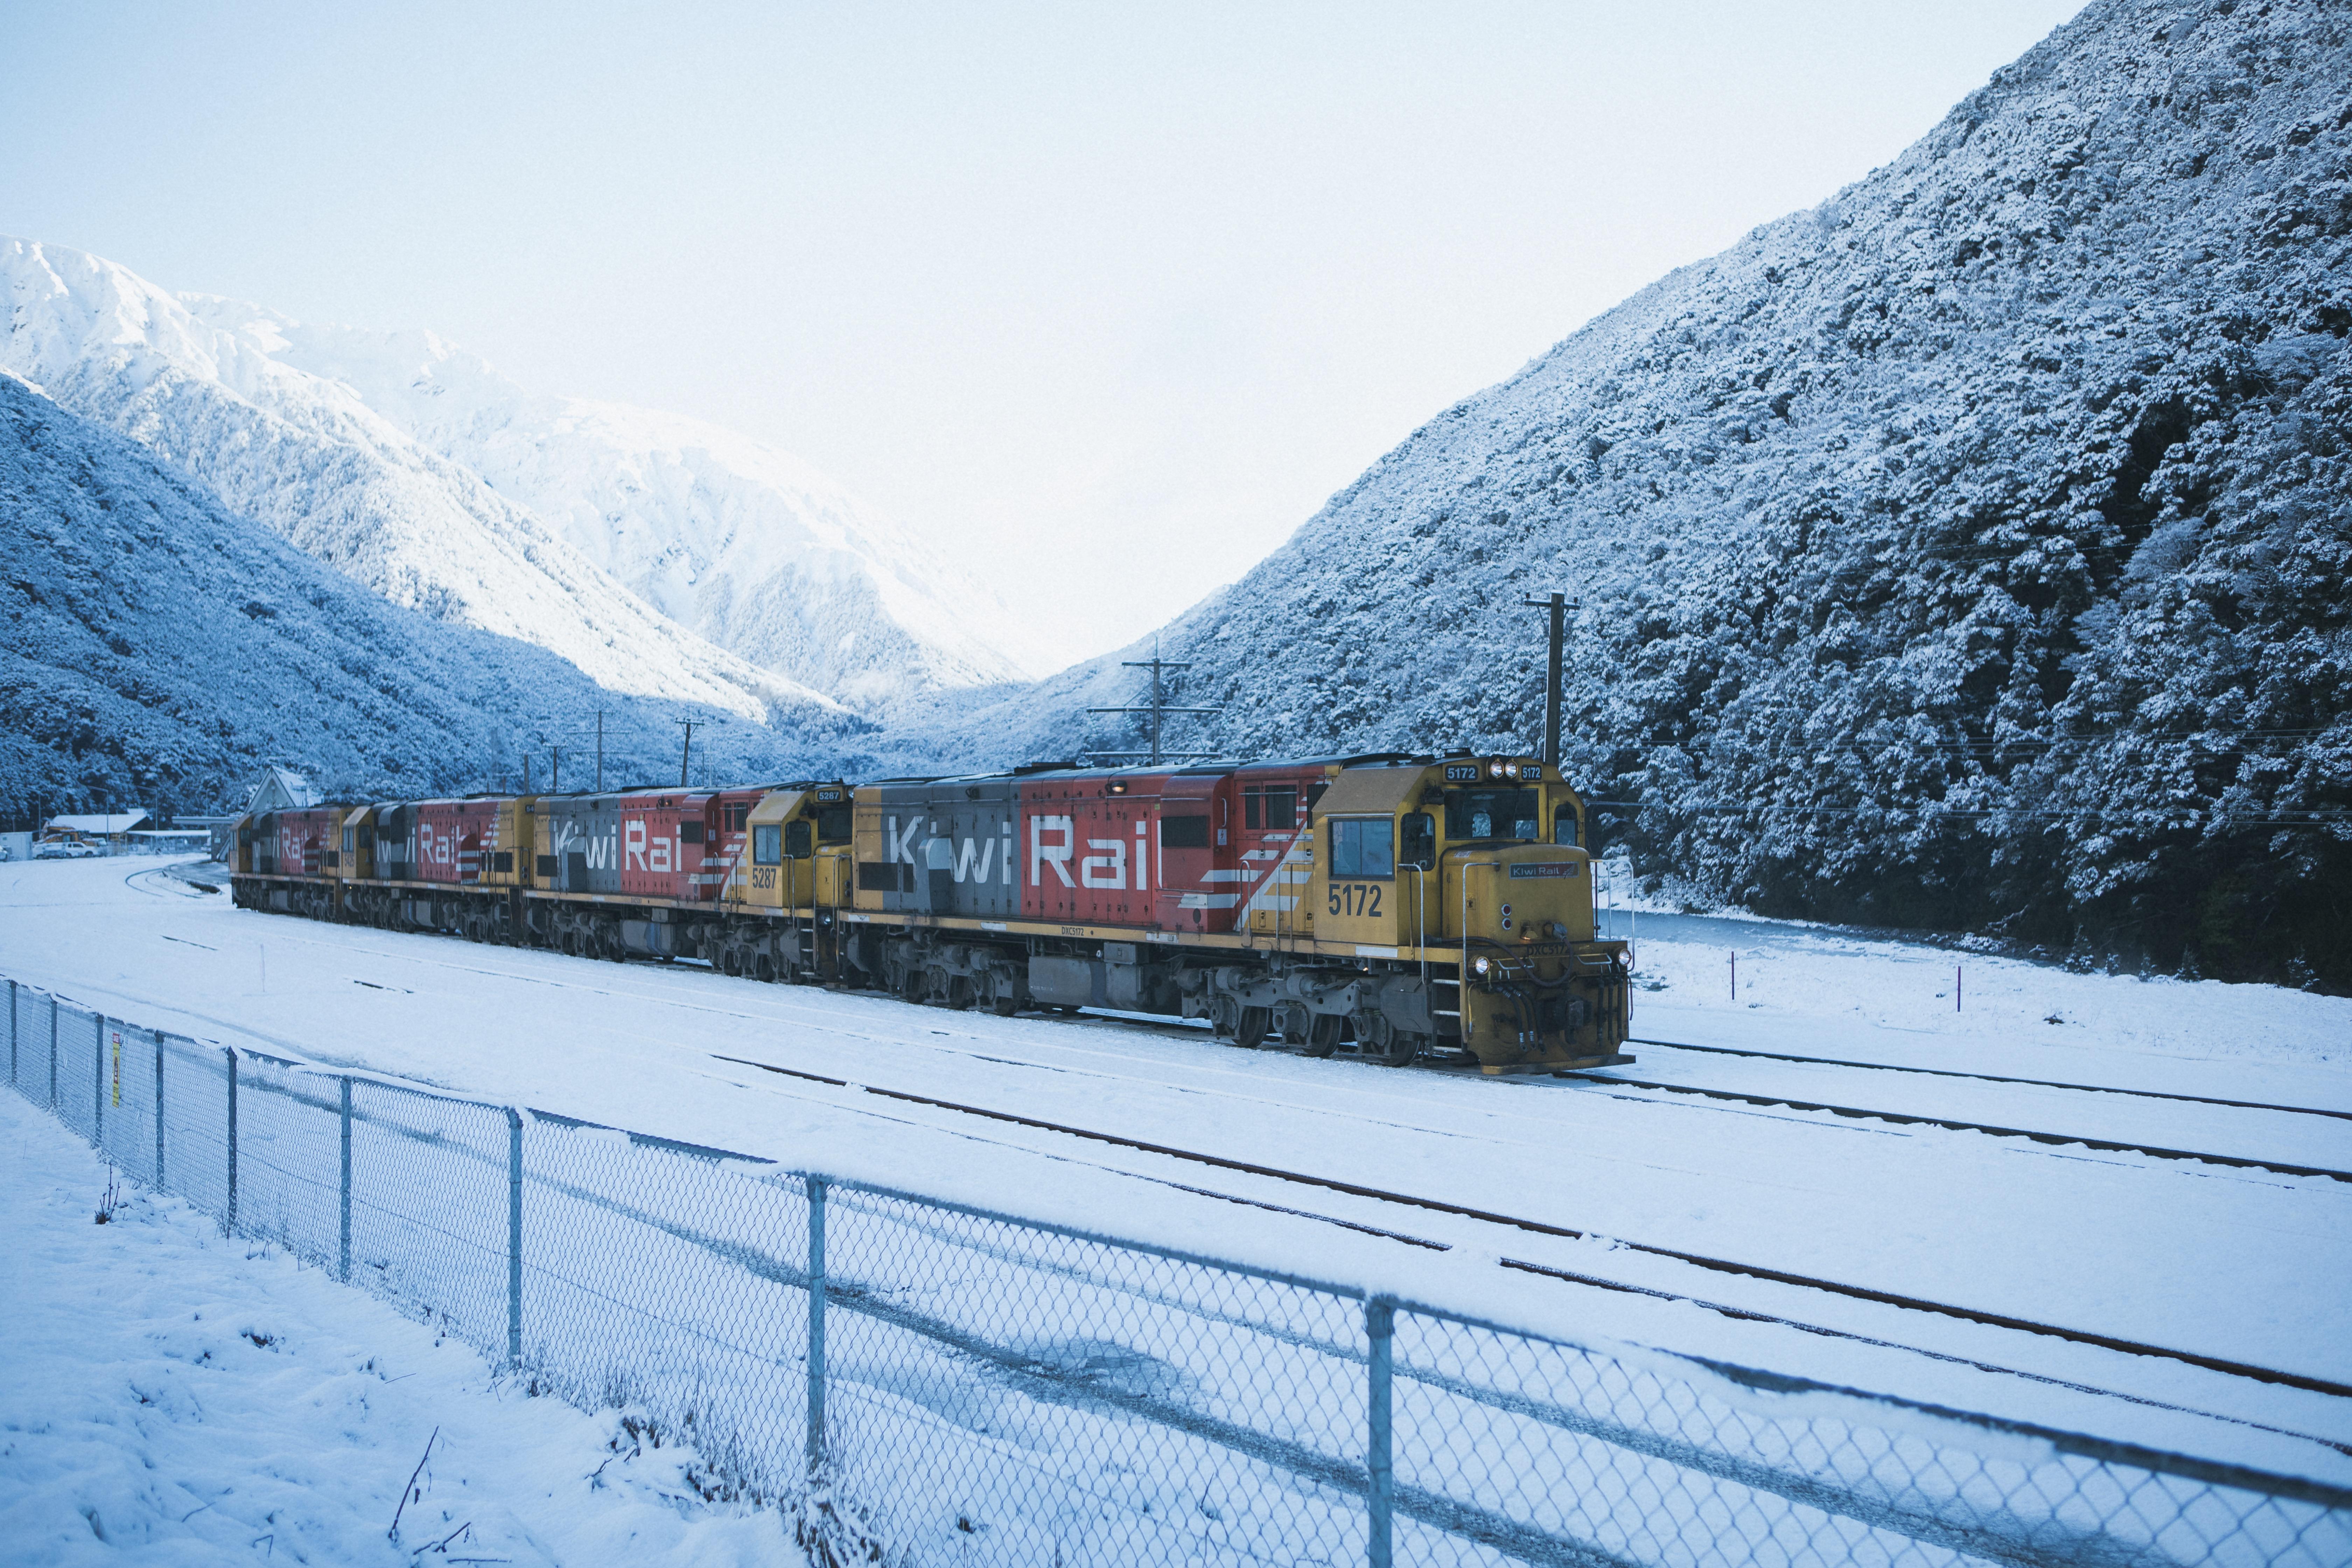 Arthurs_Pass_-_Kiwi_Rail_2